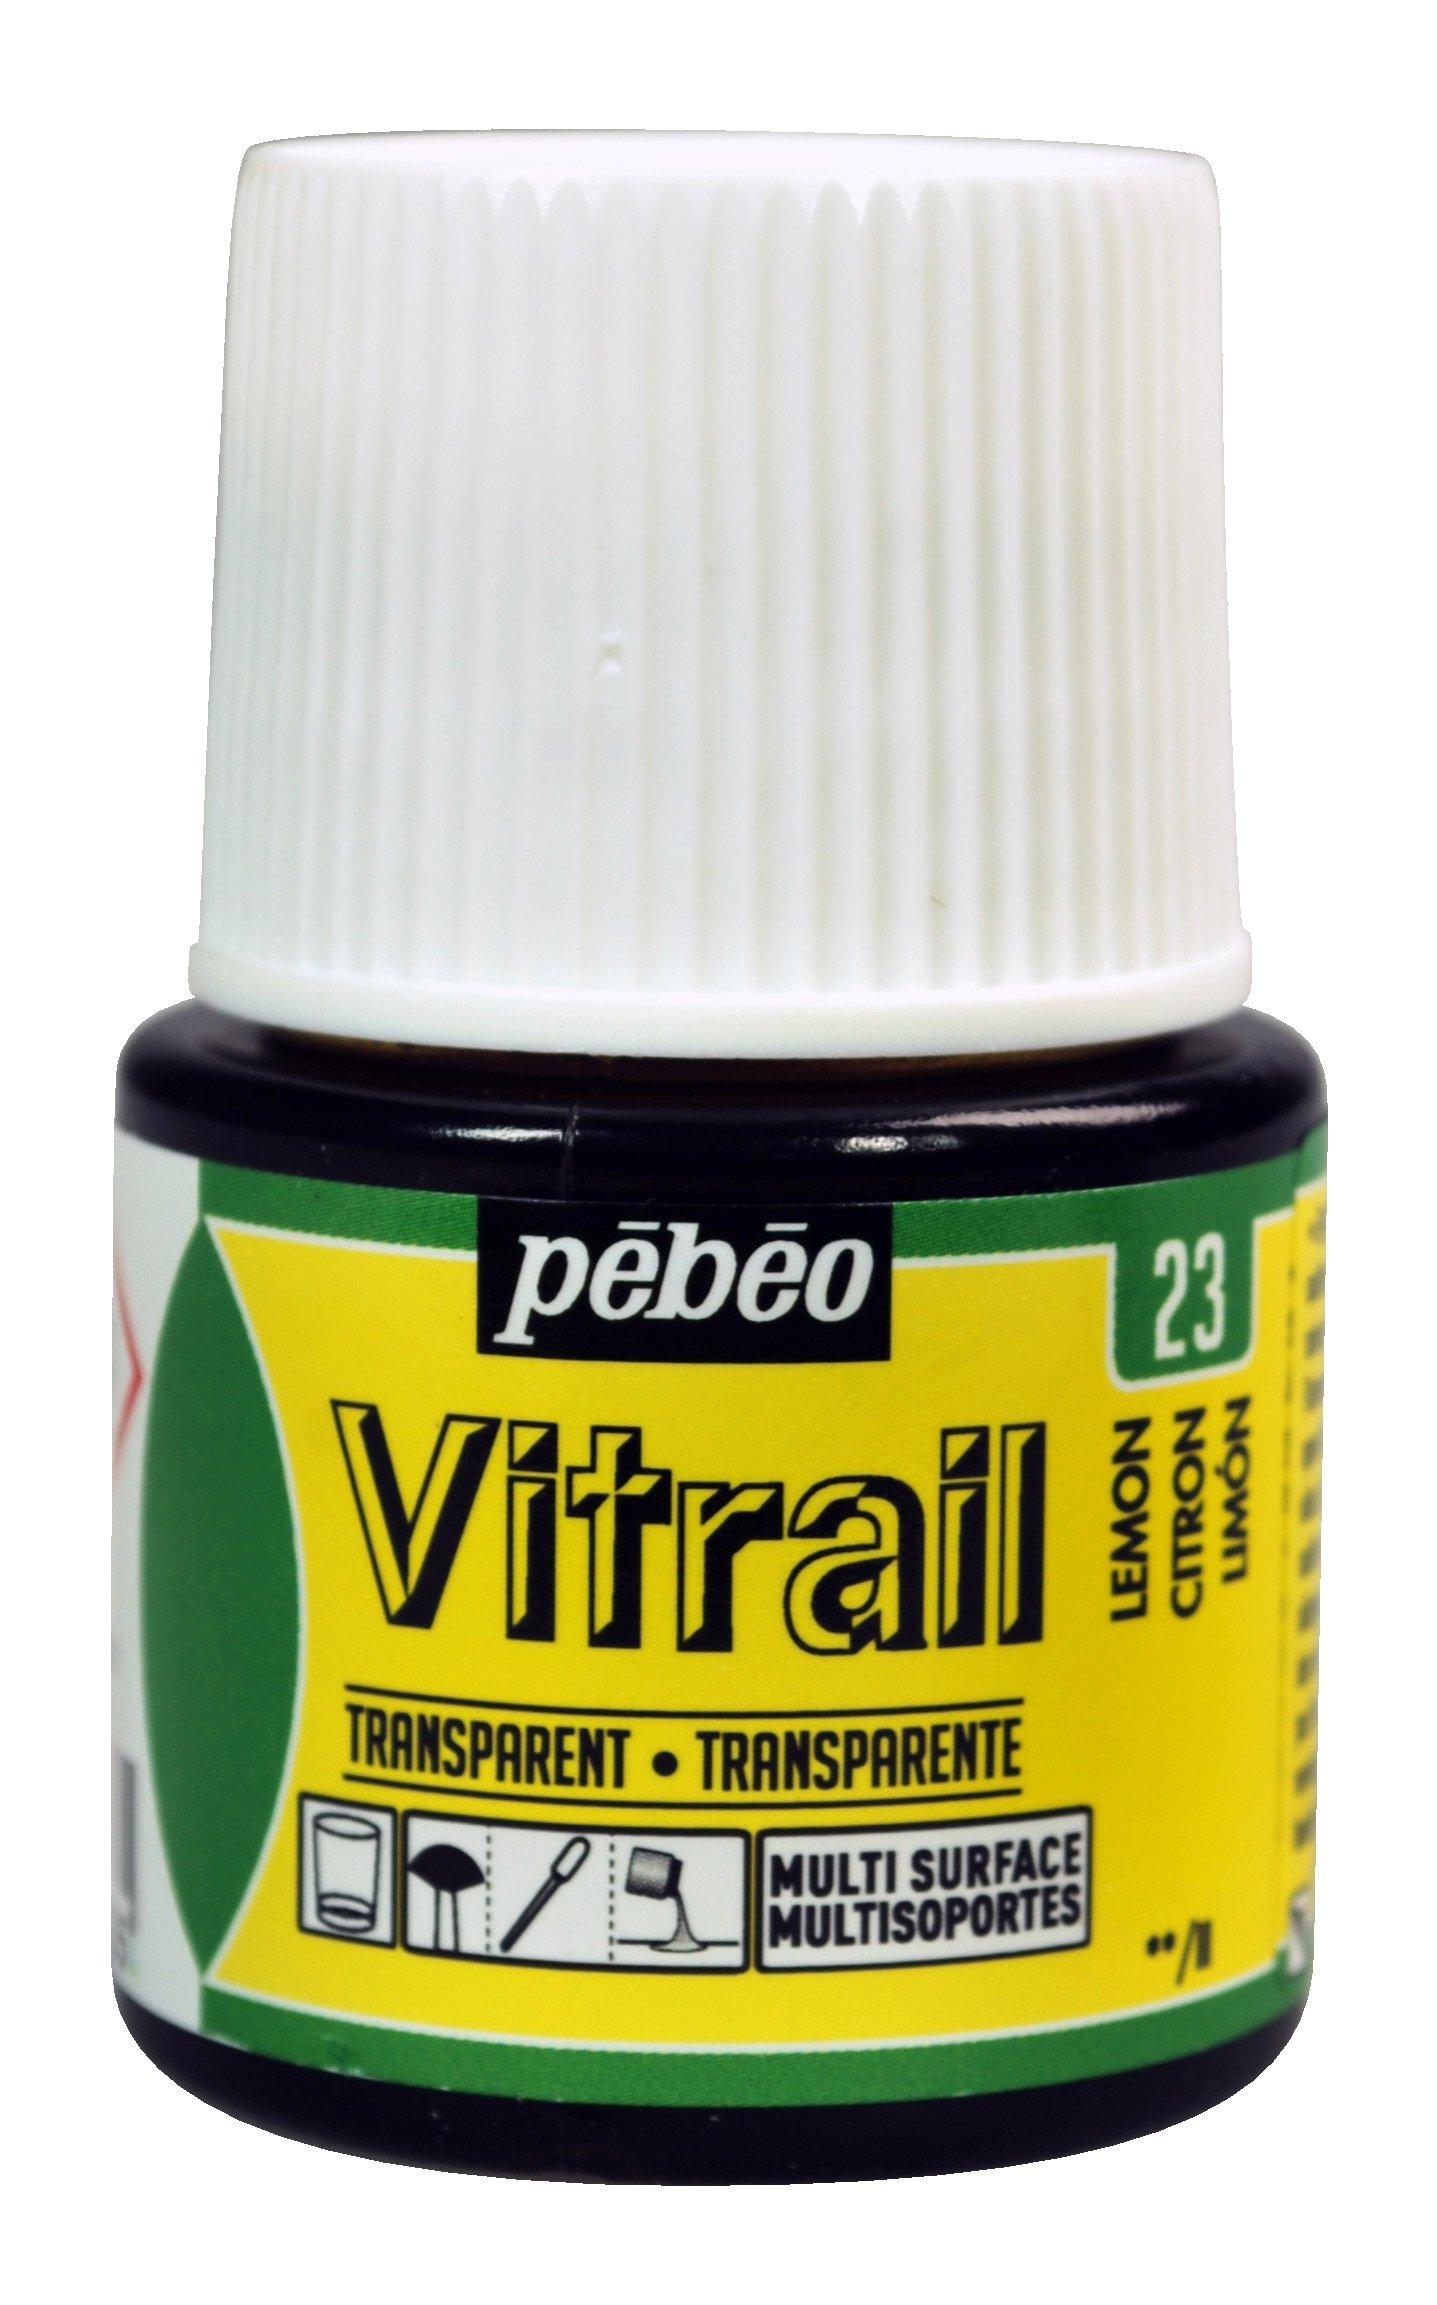 Pebeo Vitrail, Stained Glass Effect Paint, 45 ml Bottle - Lemon